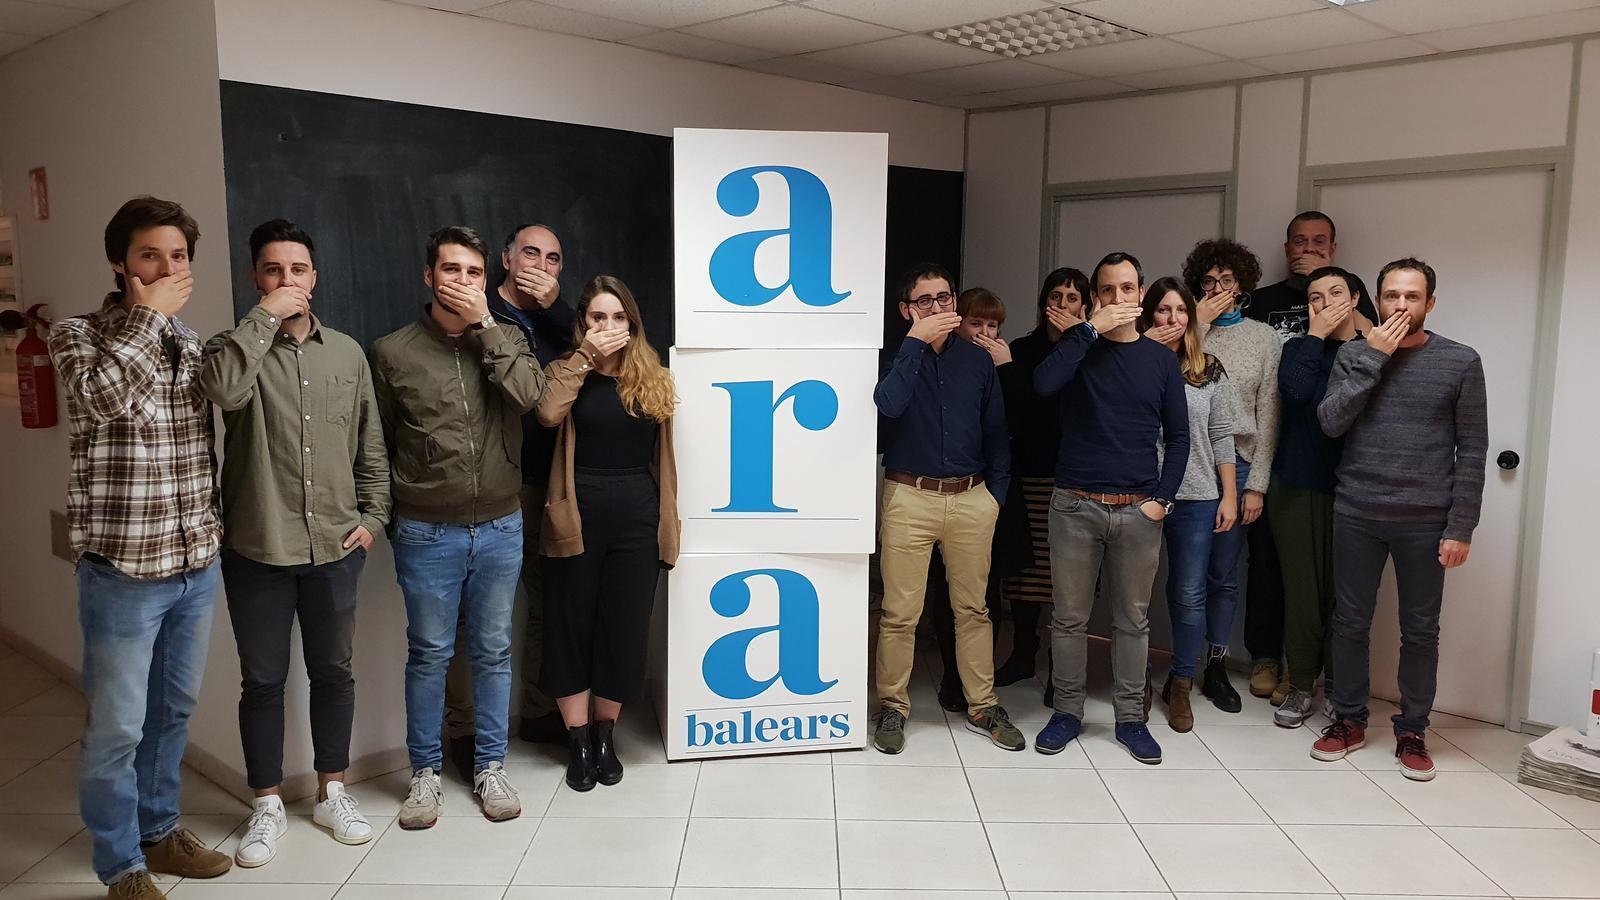 La redacció de l'ARA Balears protesta per l'actuació judicial contra dos periodistes d'Europa Press i 'Diario de Mallorca'